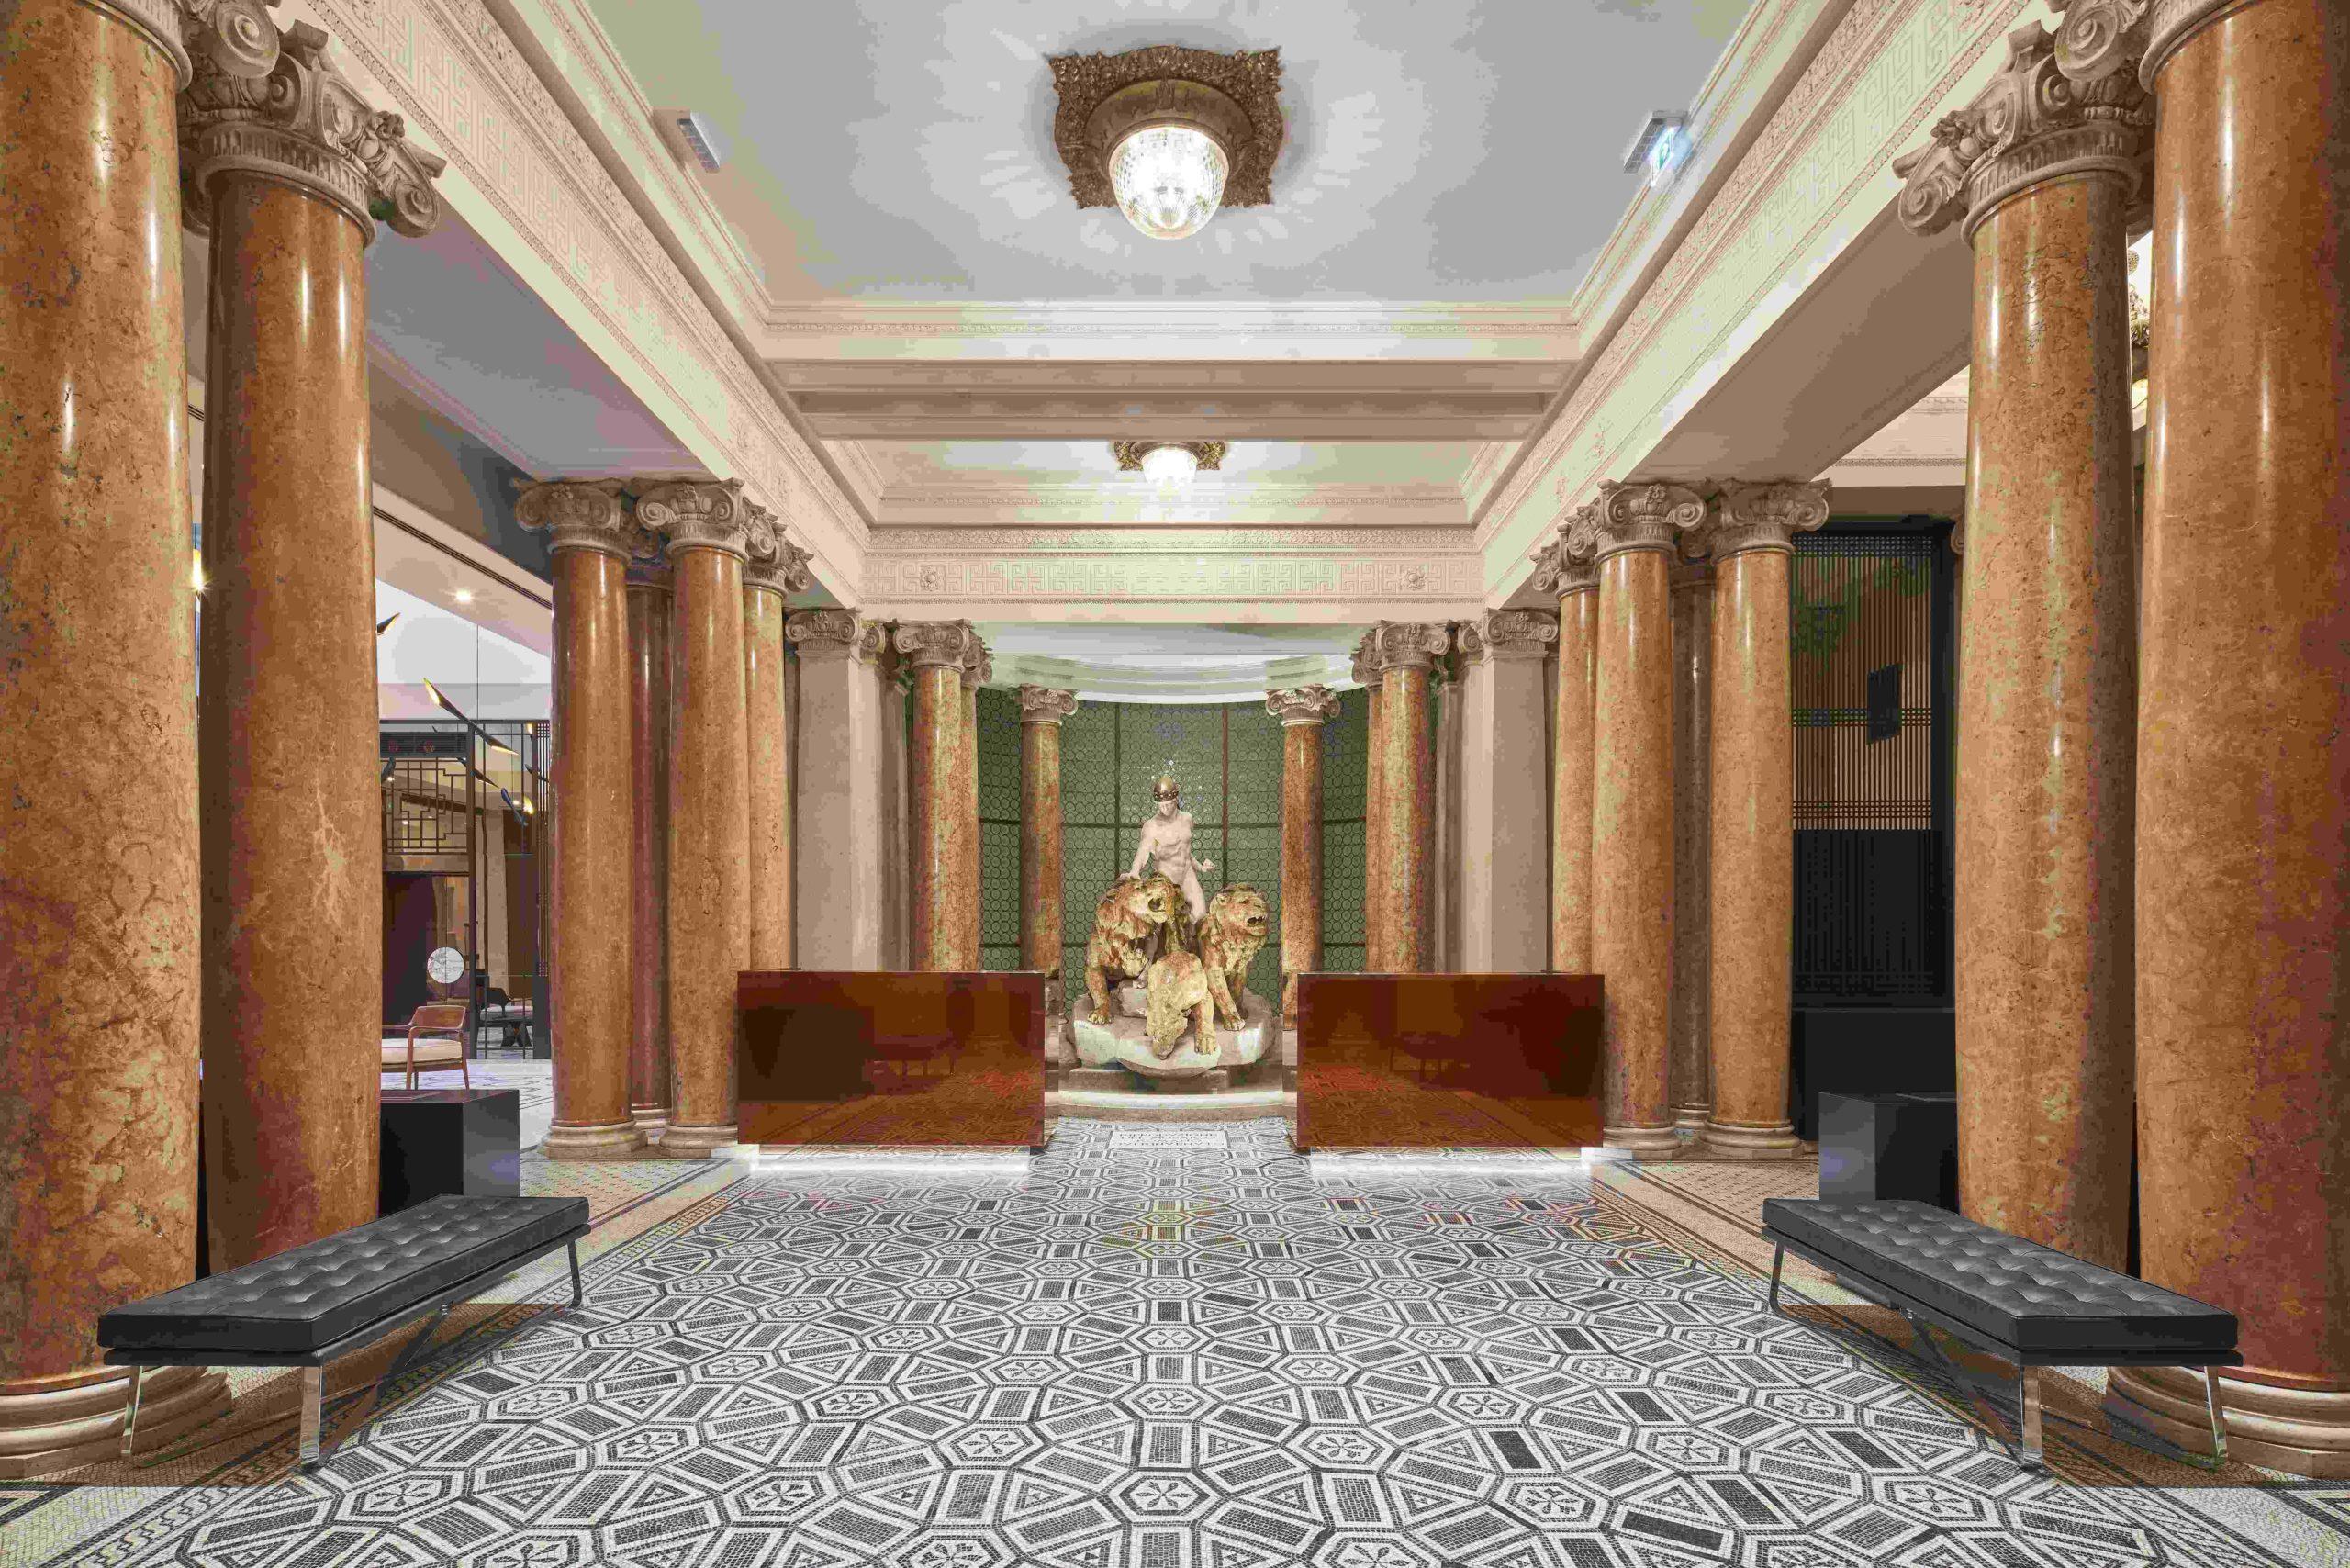 L'unione tra stile classico e design moderno porta la firma di Tinosana